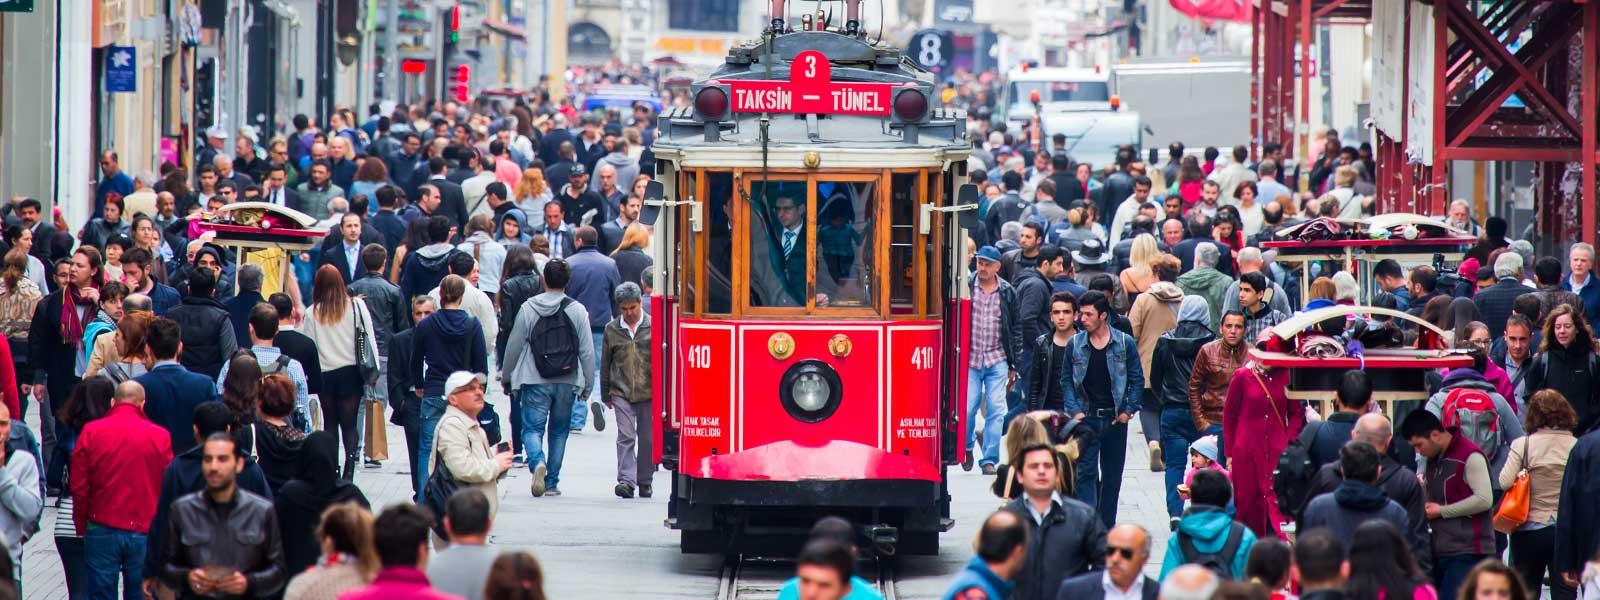 Galata Taksim Tour